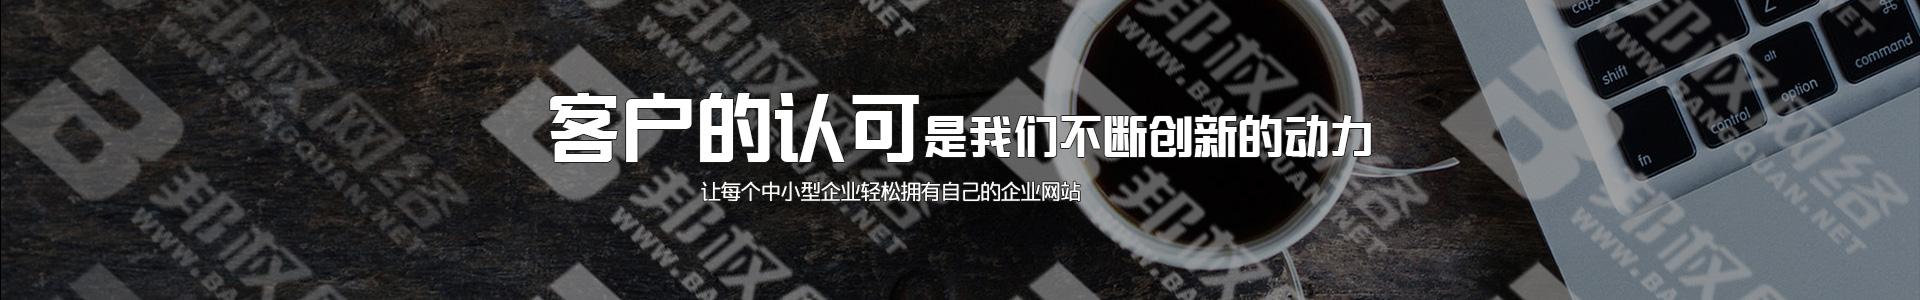 太仓网络公司新闻